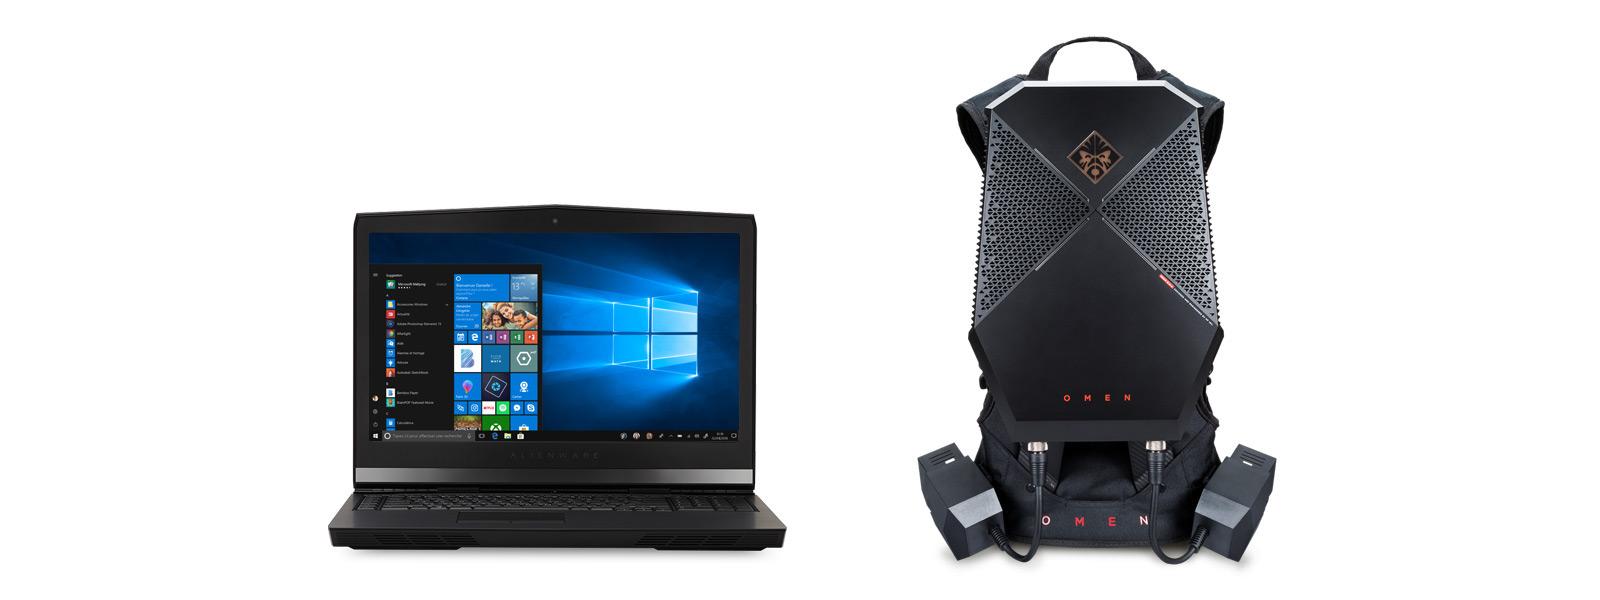 Vue inclinée avant du Dell Alienware17R4 et vue inclinée avant du HPOMEN.